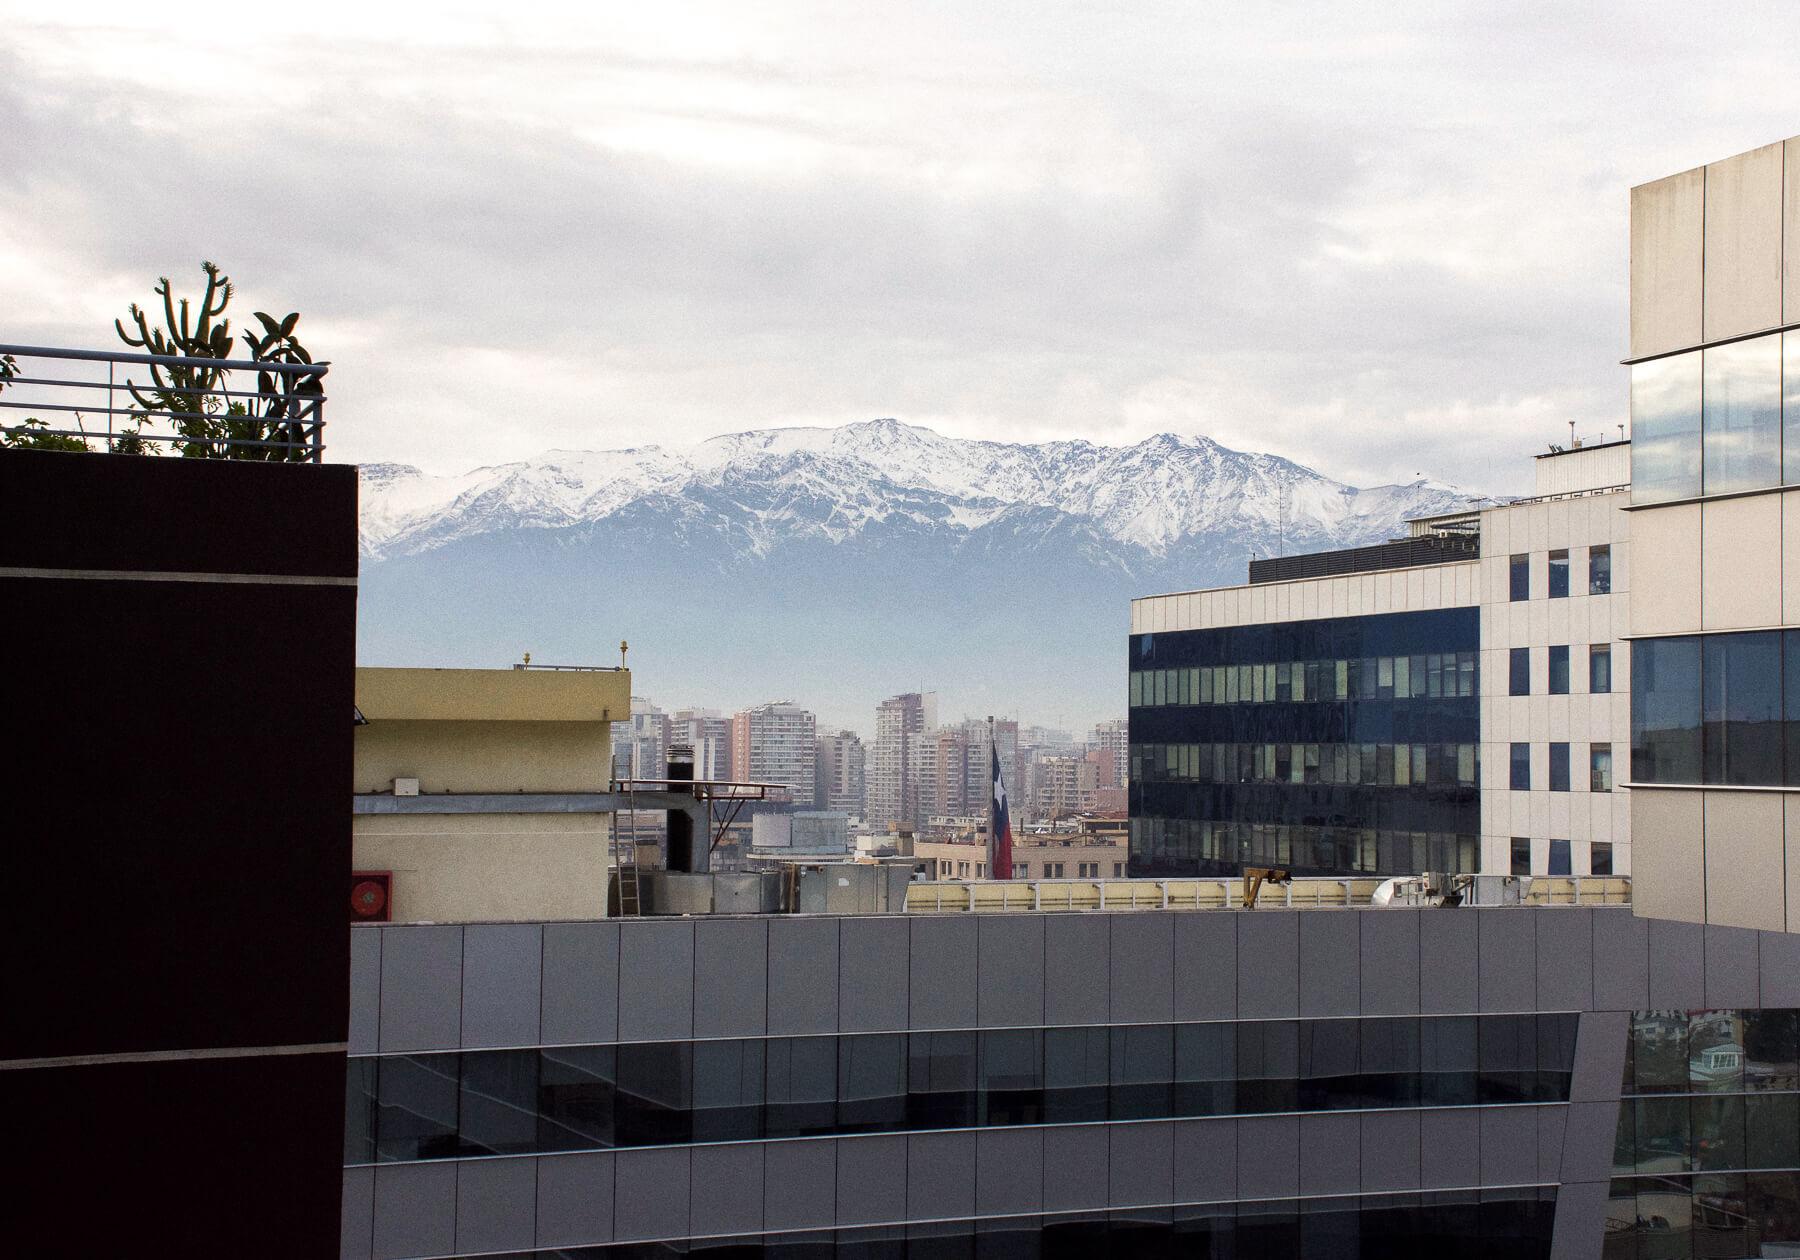 Mountain peaks appearing behind high-rise buildings in Santiago